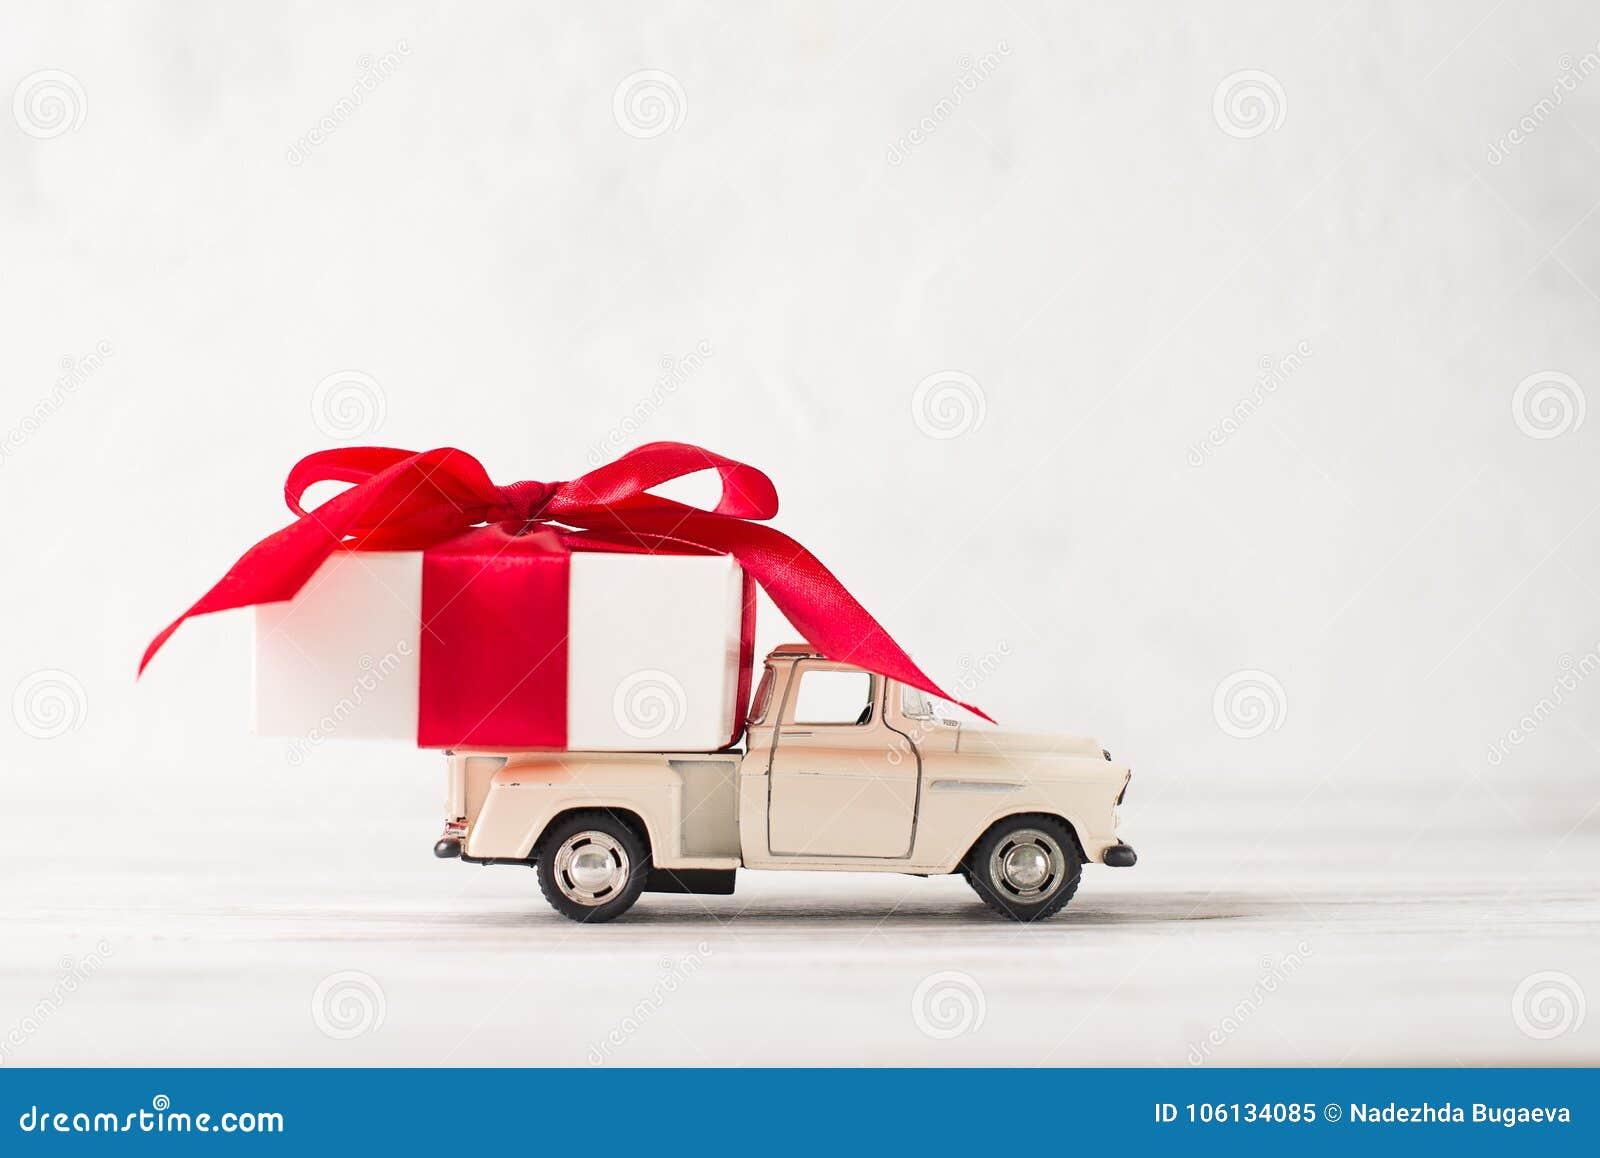 Boîte Cadeau De Livrant Voiture Le Pour Rétro Jour Blanche Jouet L54AcRjq3